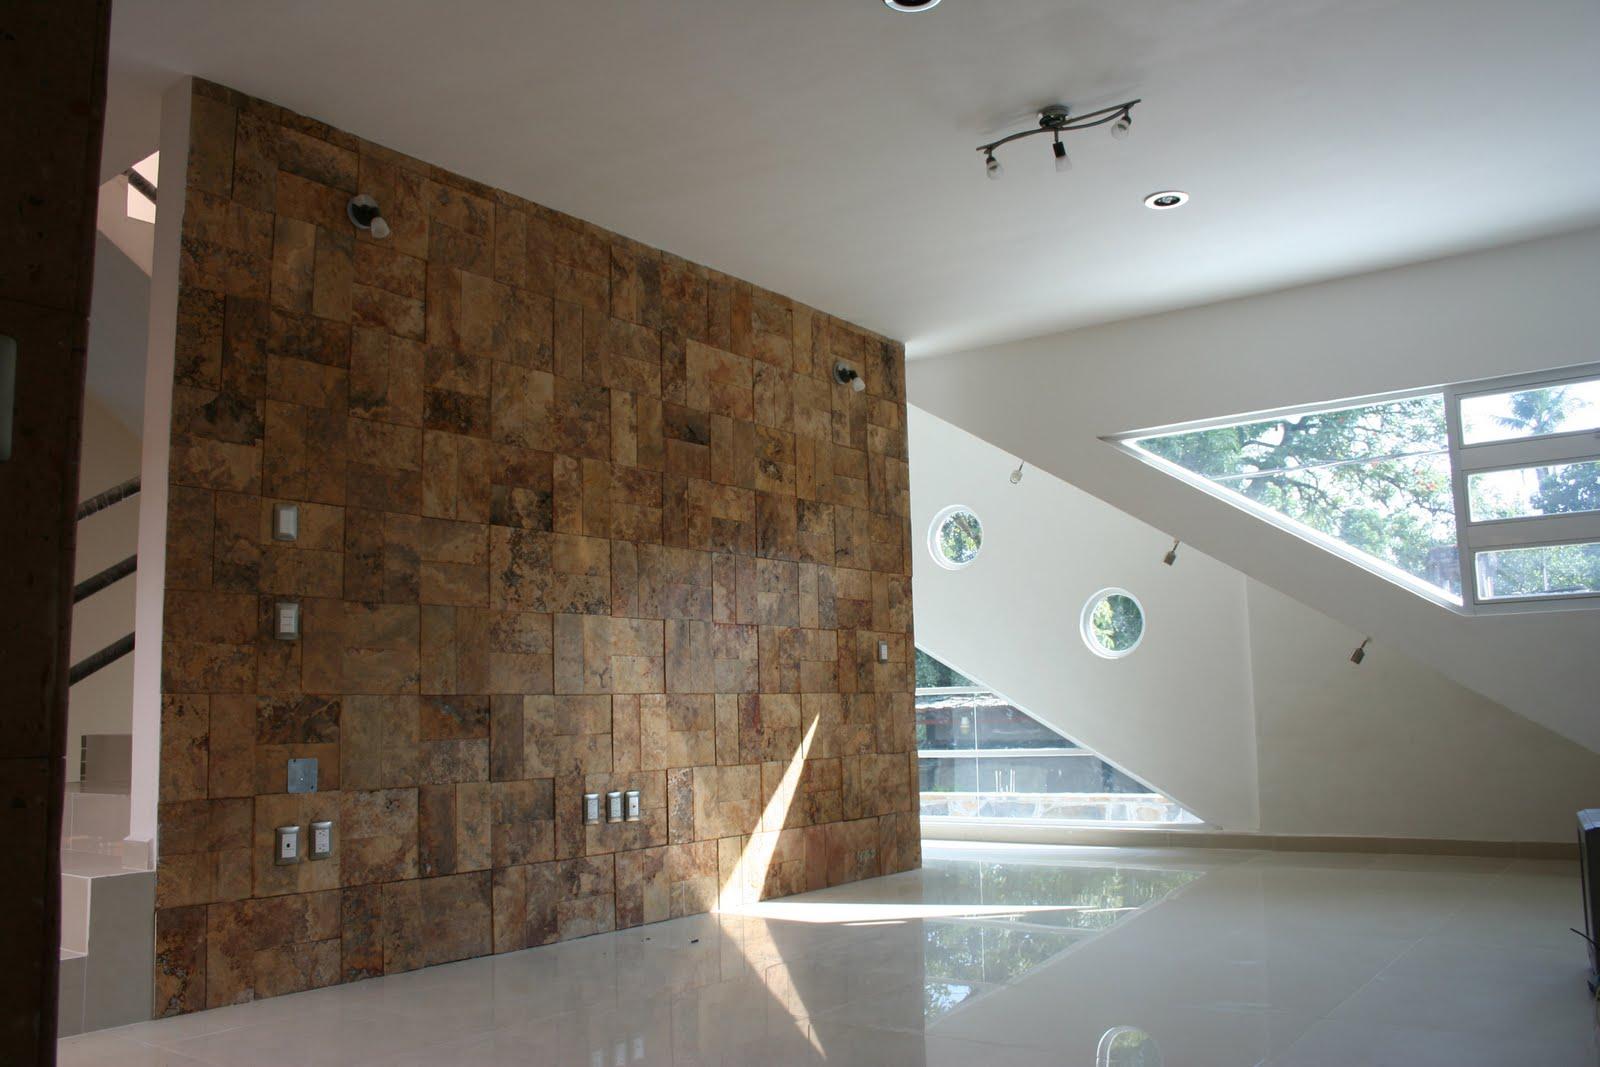 Evoluci n arquitectura dise o de interiores evolucion - Arquitectura o diseno de interiores ...